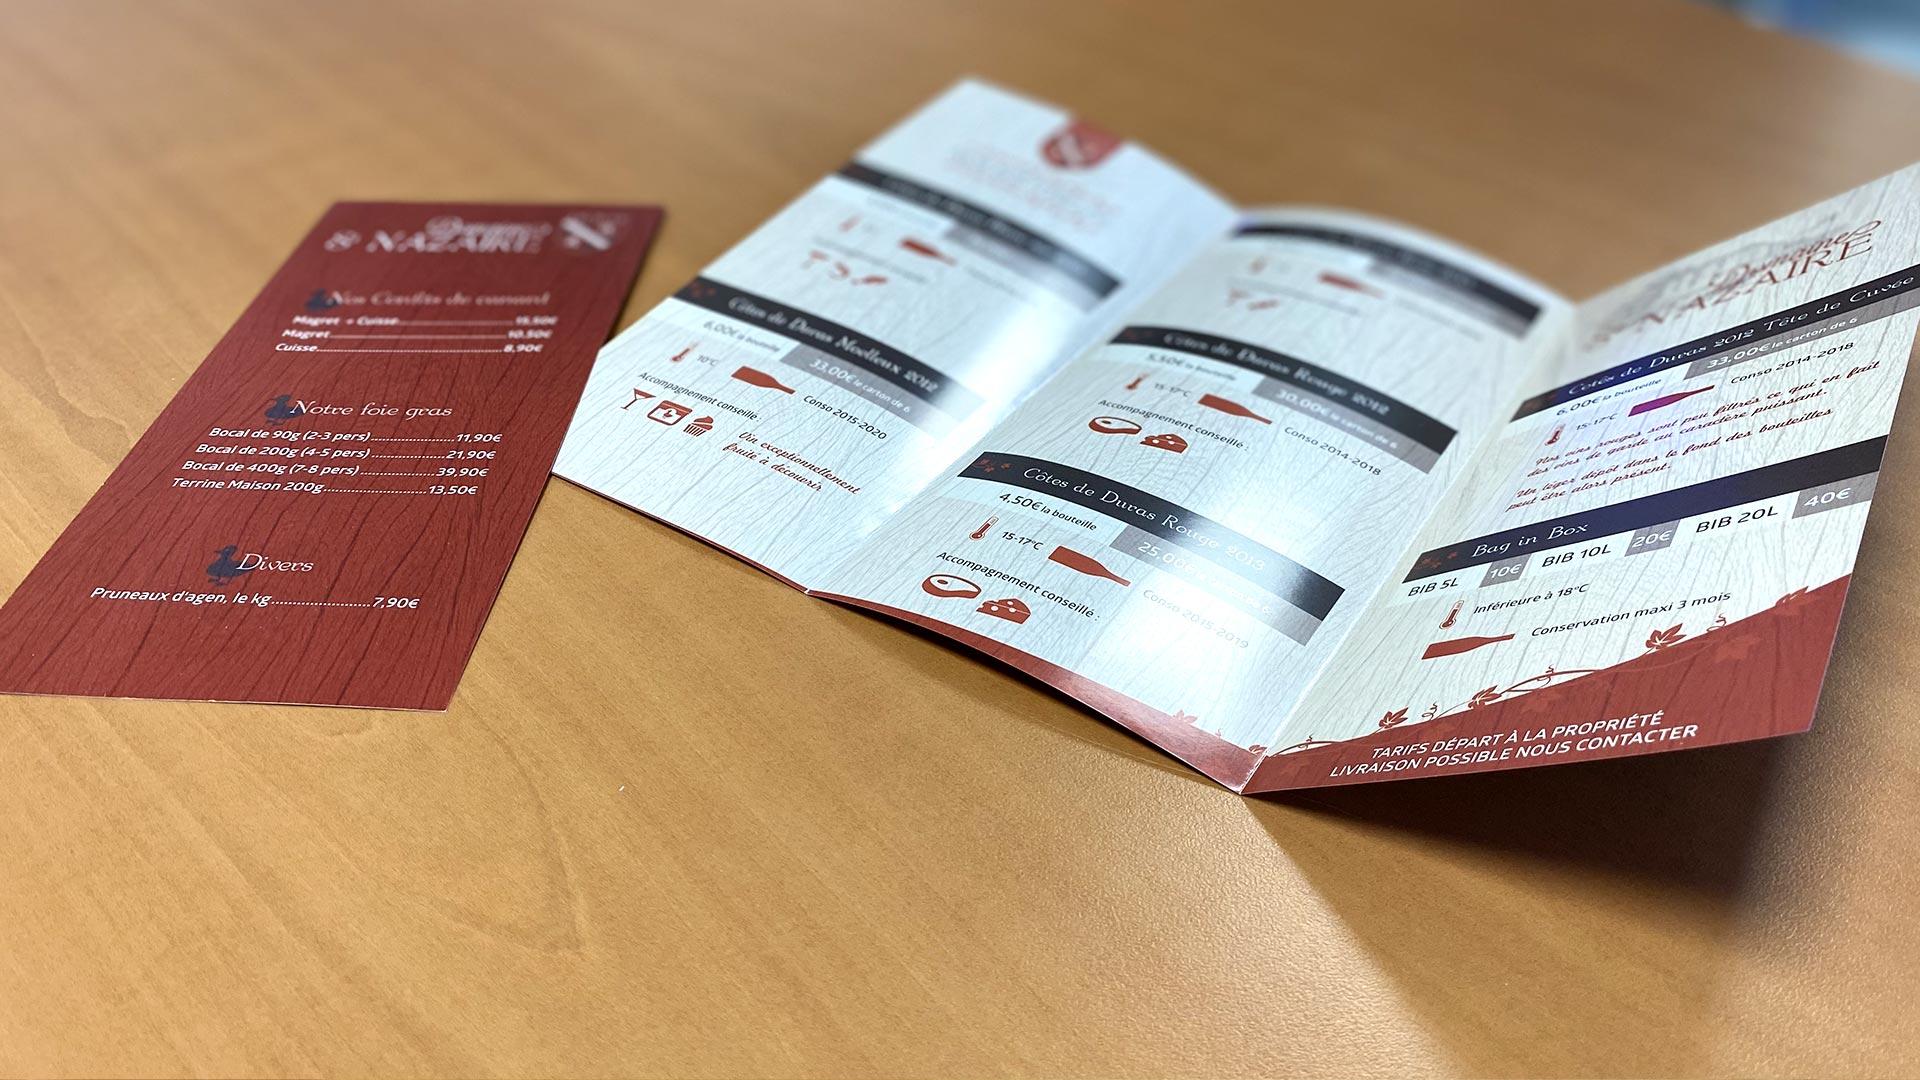 flyers-depliants-04